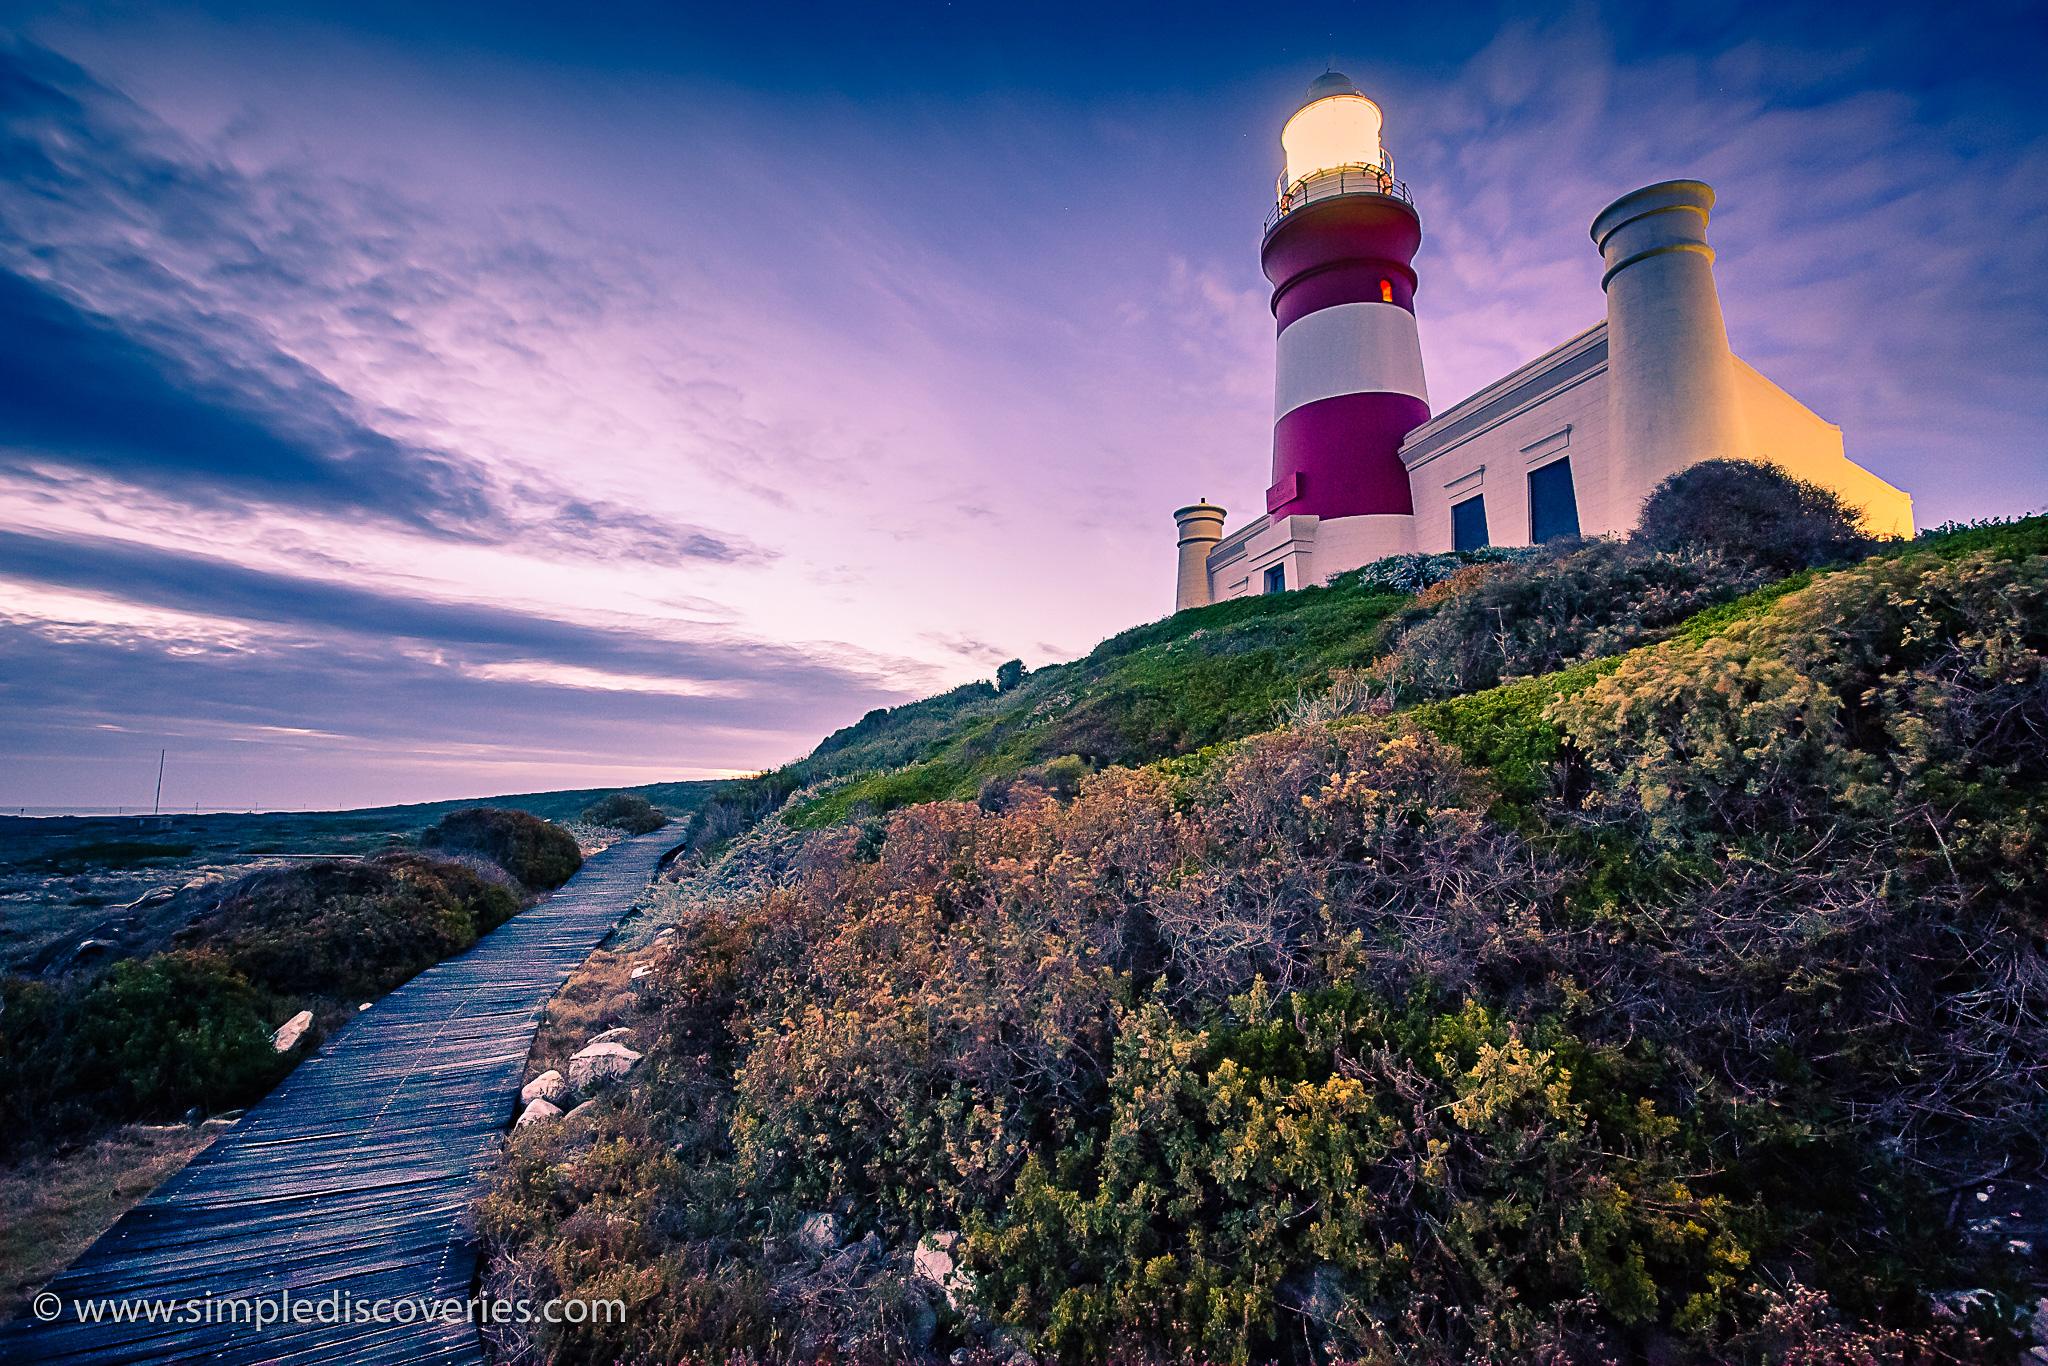 cape_agulhas_lighthouse_dusk